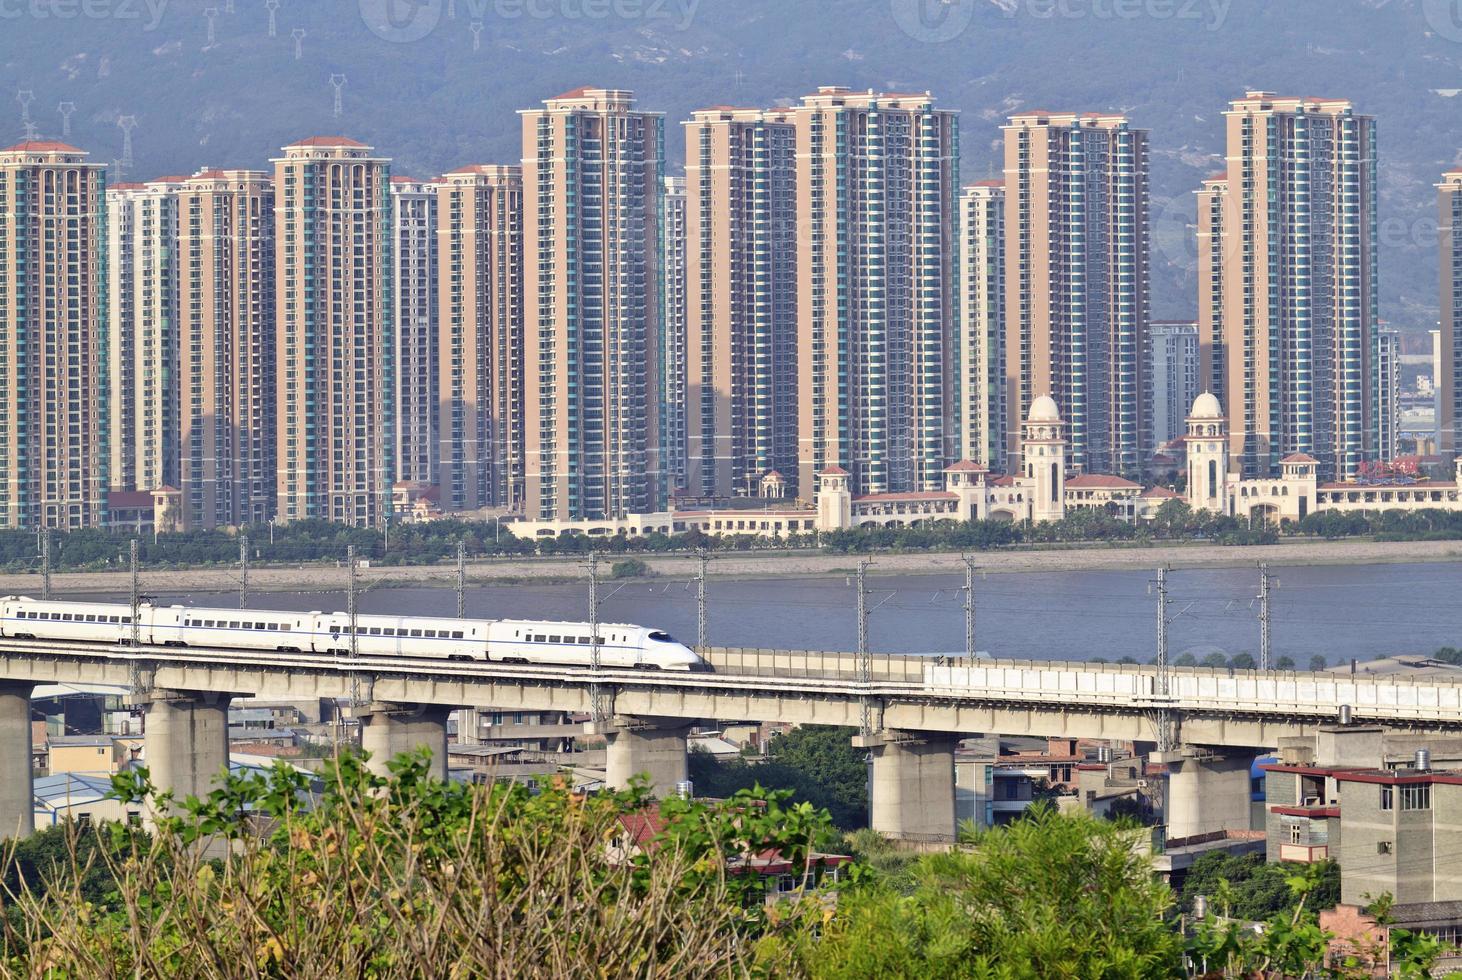 supertrain sur pont en béton, sur la côte sud-est de la Chine photo